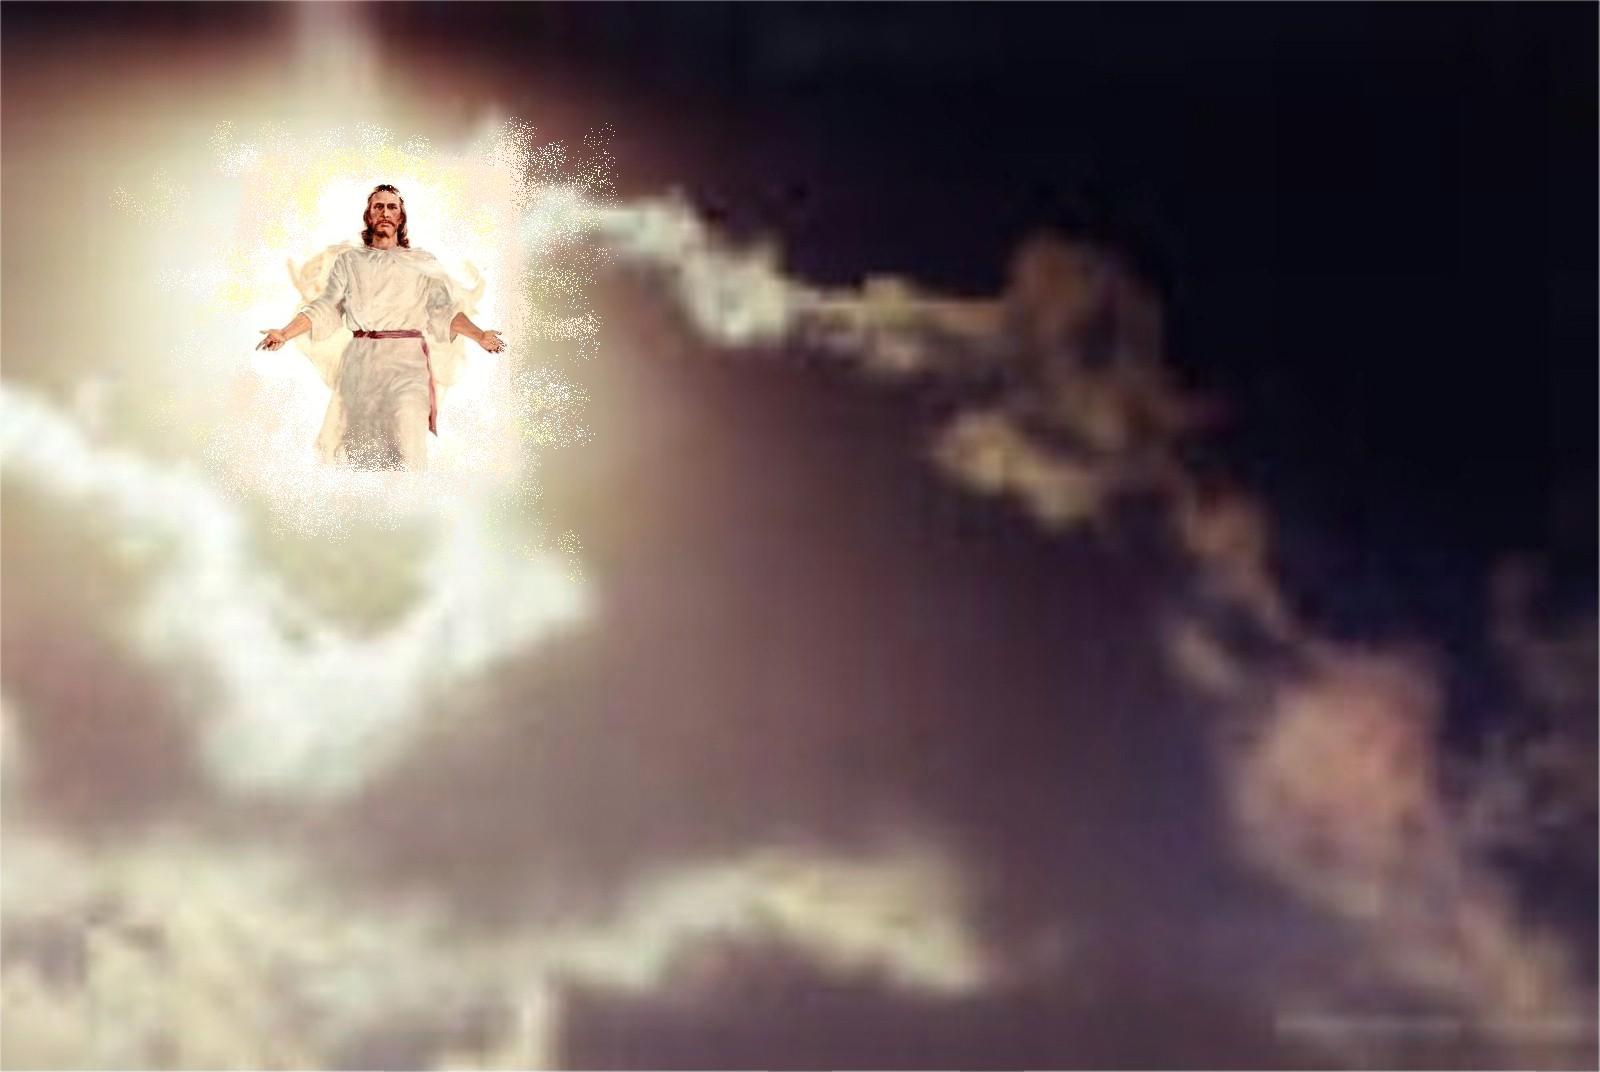 Bildergebnis für jesus appearing in the clouds images